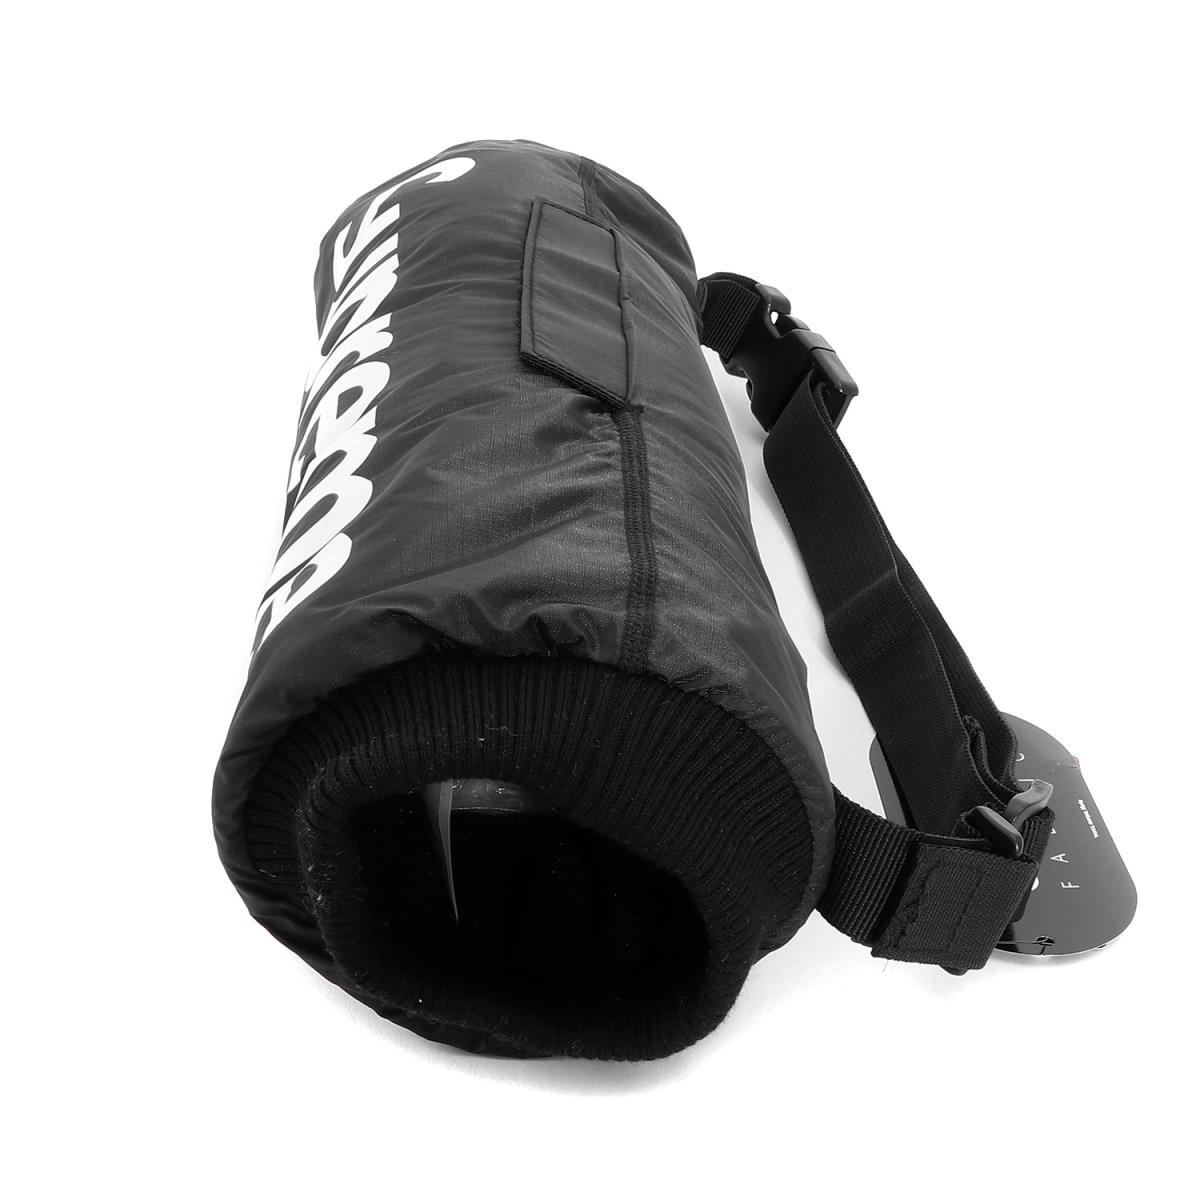 ブラック 【あす楽☆対応可】 (シュプリーム) Supreme (Hand warmer) 18A/ 【K2254】 W 【メンズ】 【プライスダウン】 ロゴプリントハンドウォーマー